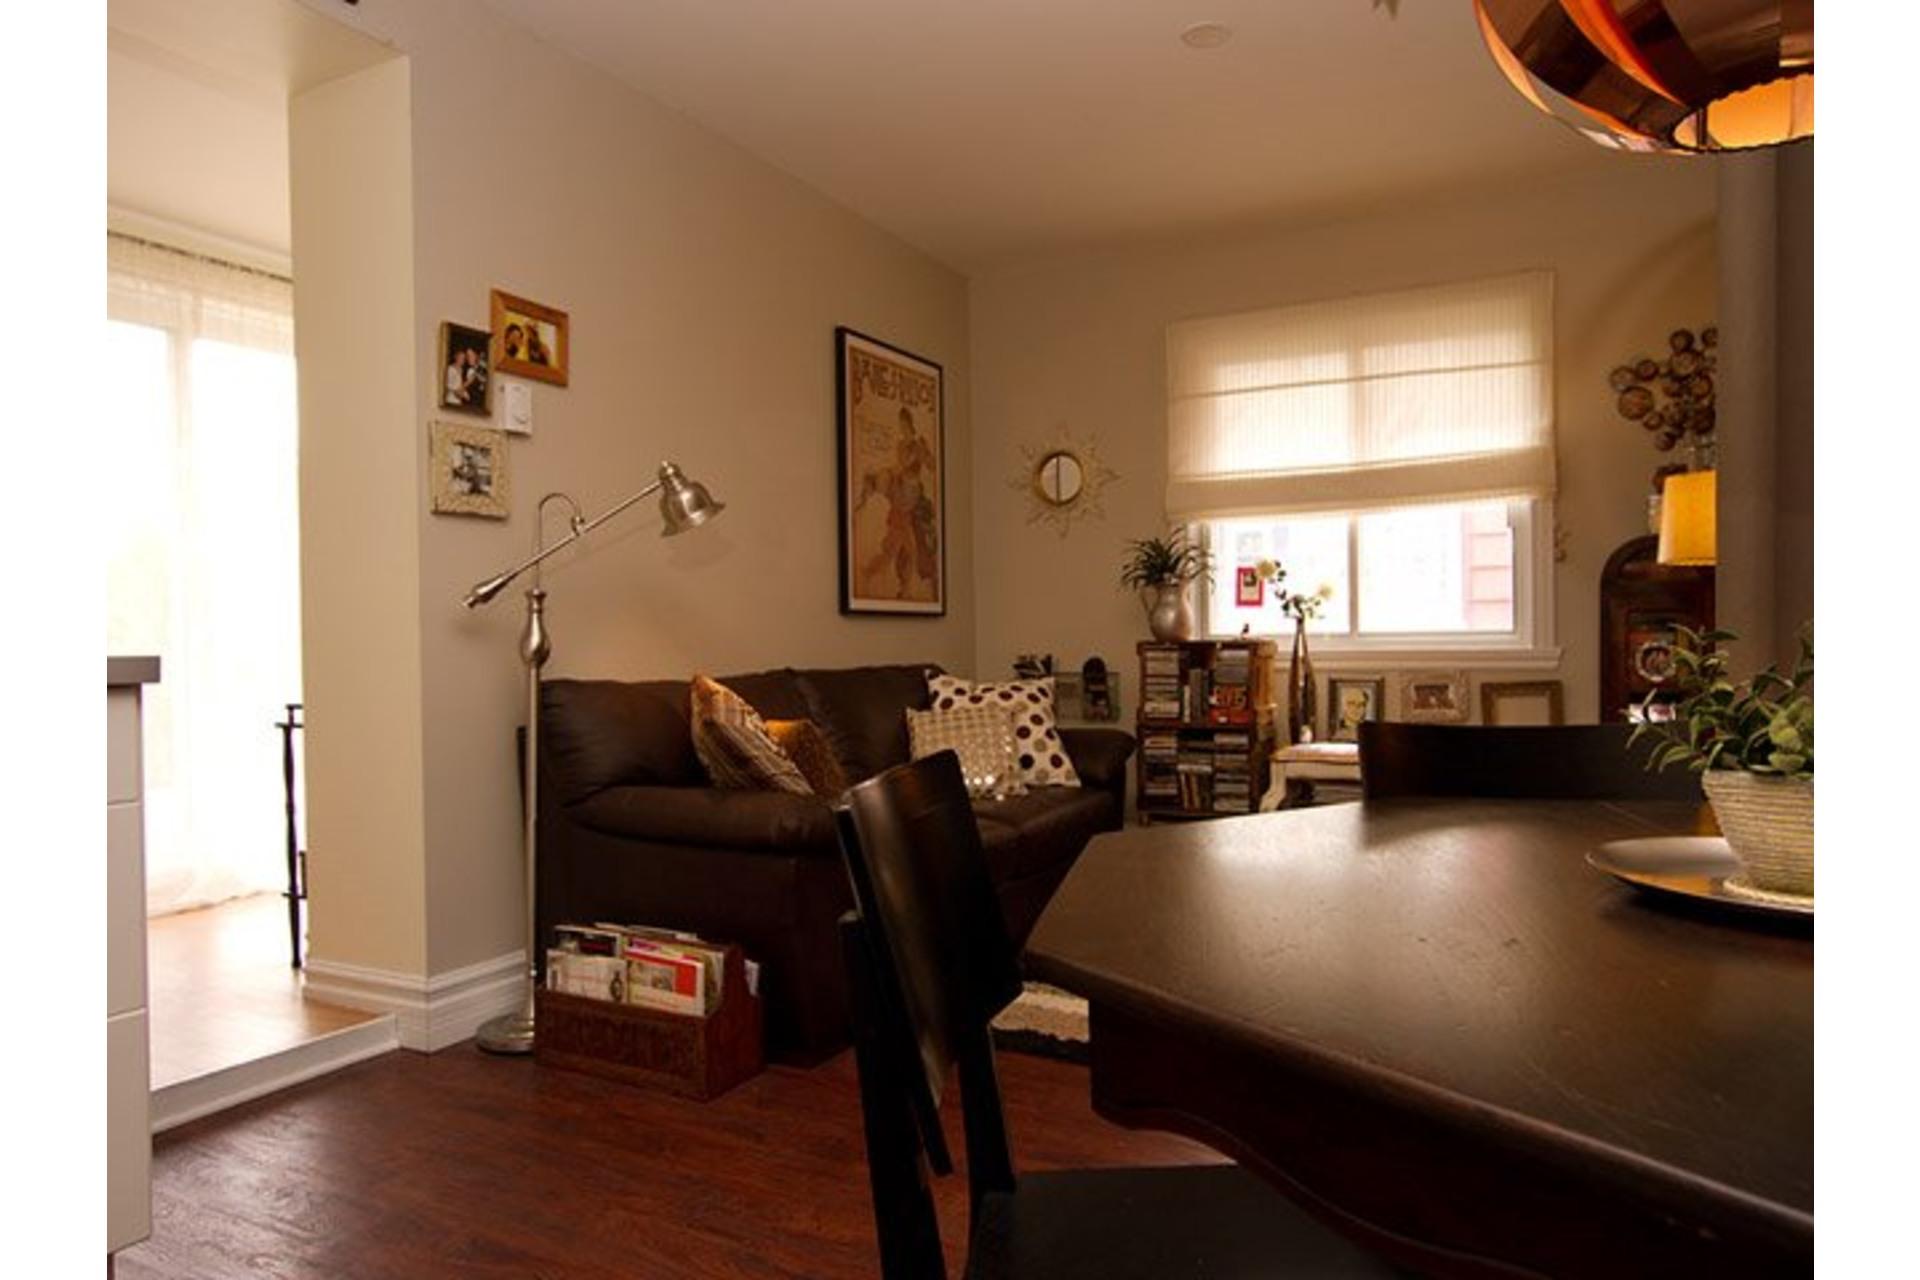 image 27 - Duplex À vendre Le Sud-Ouest Montréal  - 5 pièces